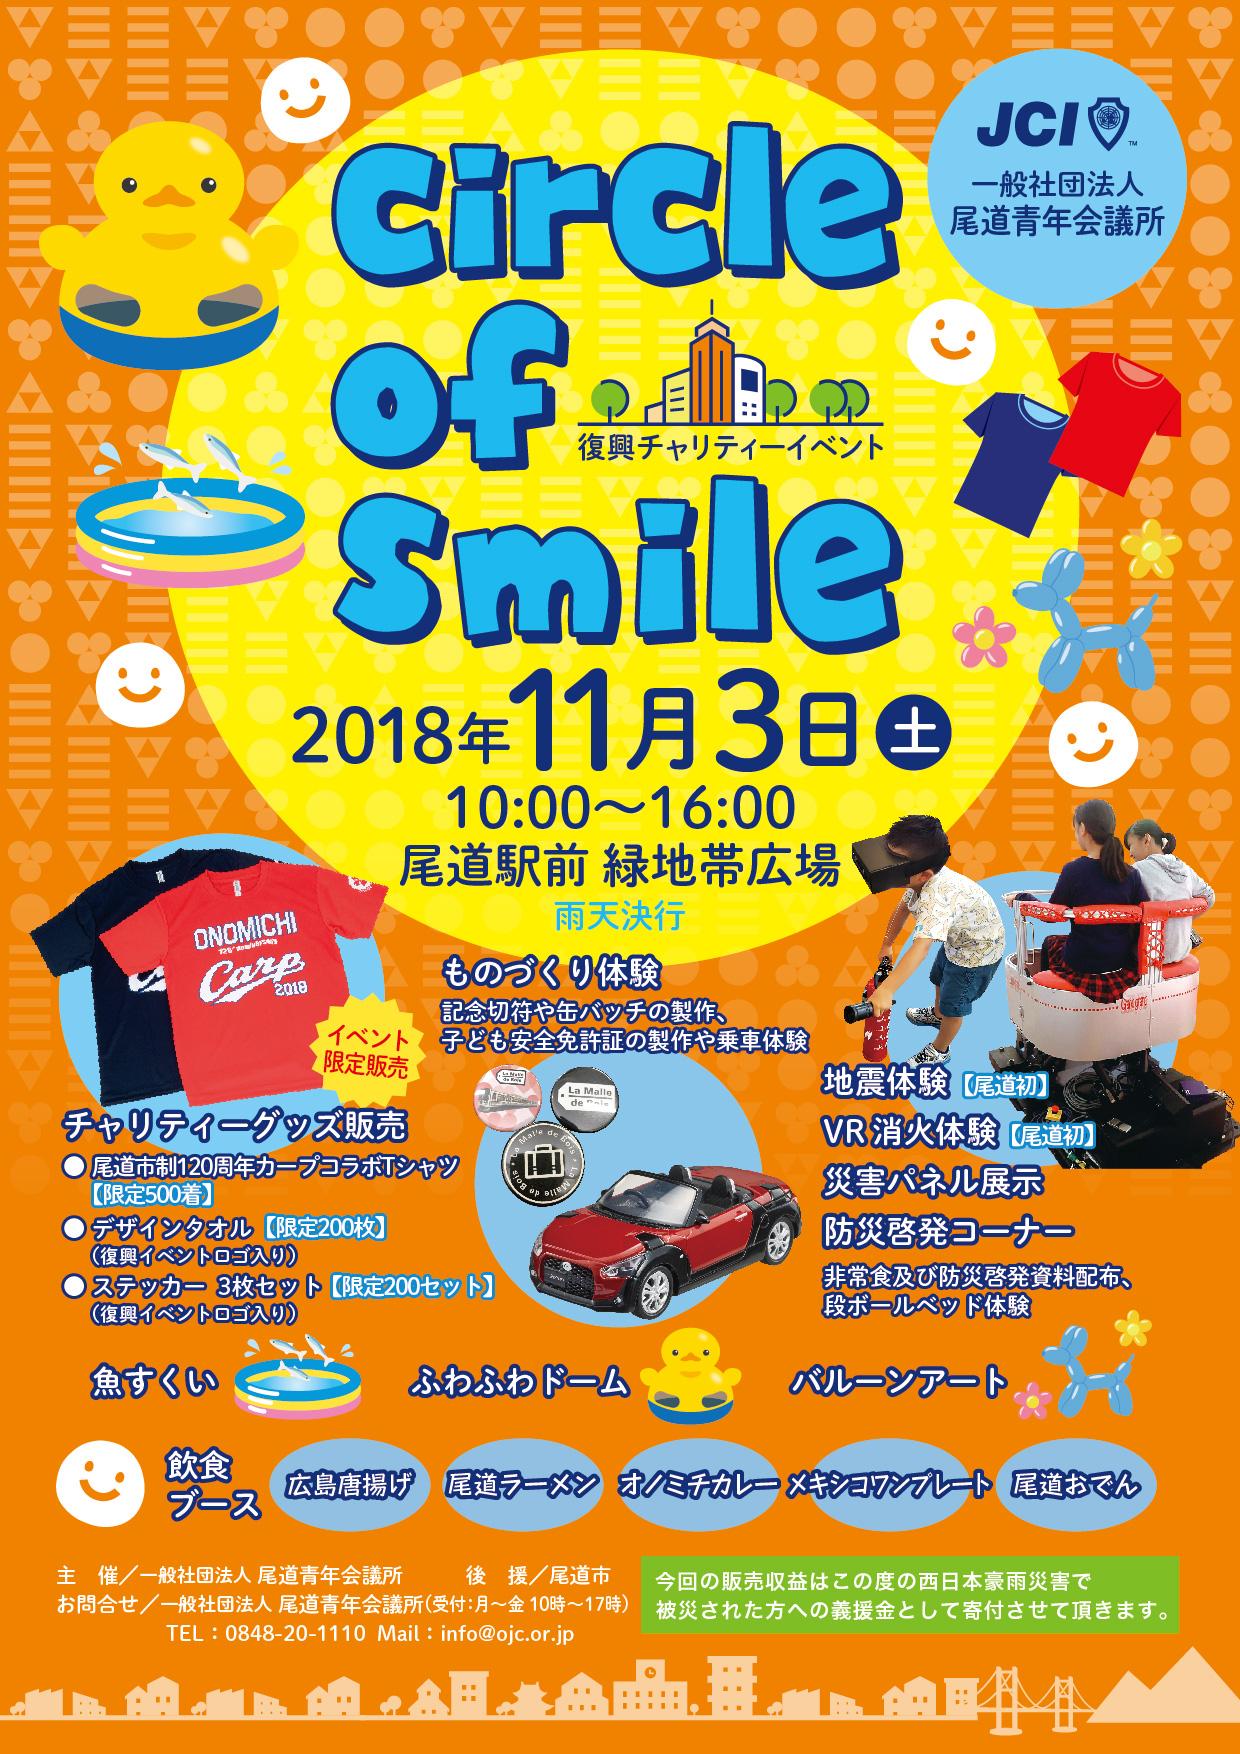 復興チャリティーイベント〜 circle of smile 〜開催のお知らせ